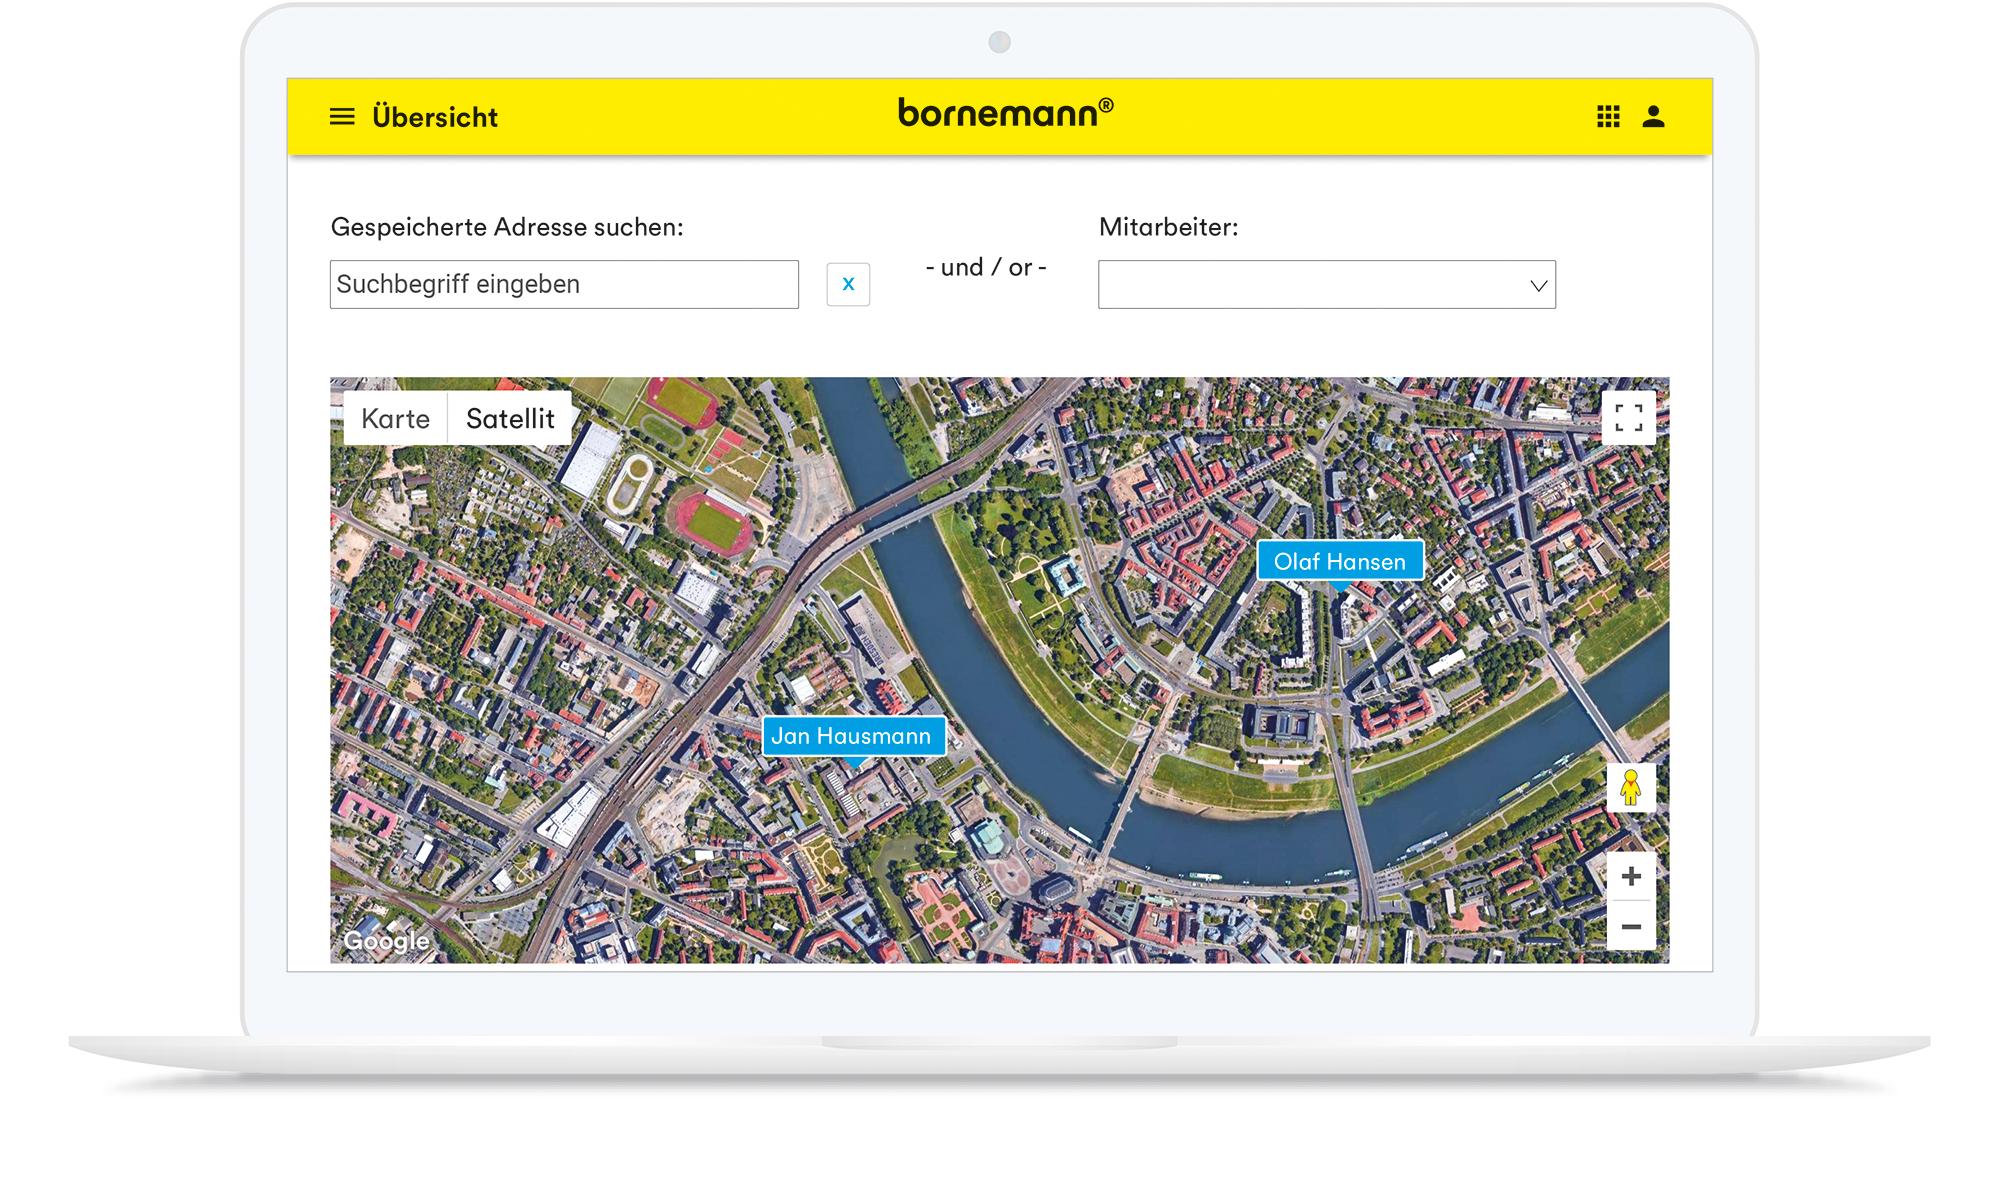 Tracking via GPS: Bornemann Work als Beispiel